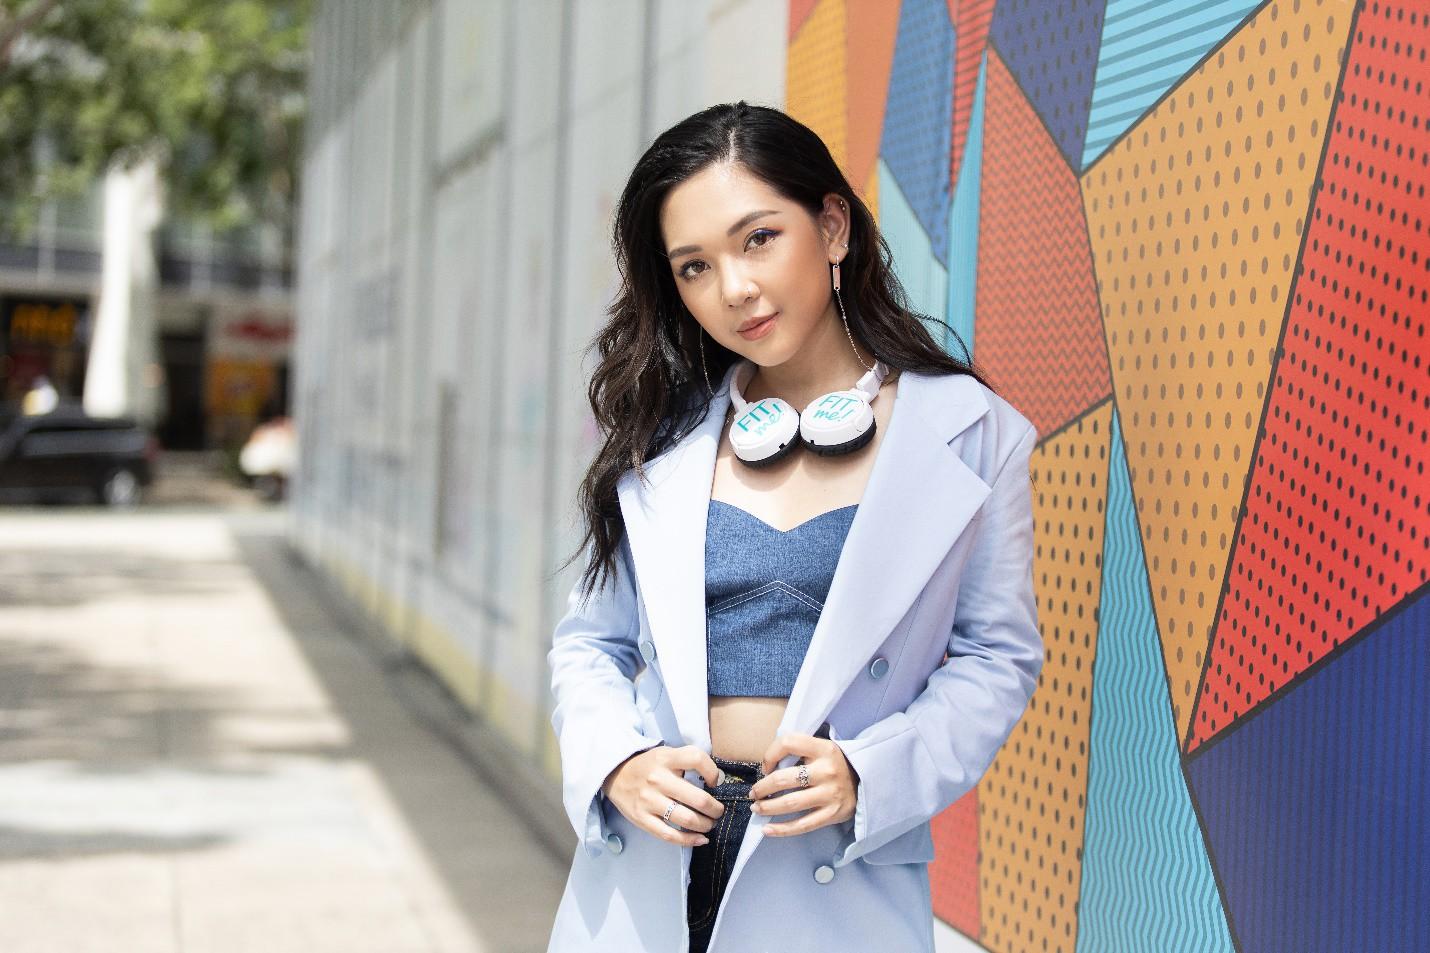 Đọ thần thái cool ngầu, Jun Phạm, Hana Giang Anh, Uyên Pu, Thảo Trang và Con Thỏ khiến fan thích thú trong video mới - Ảnh 6.